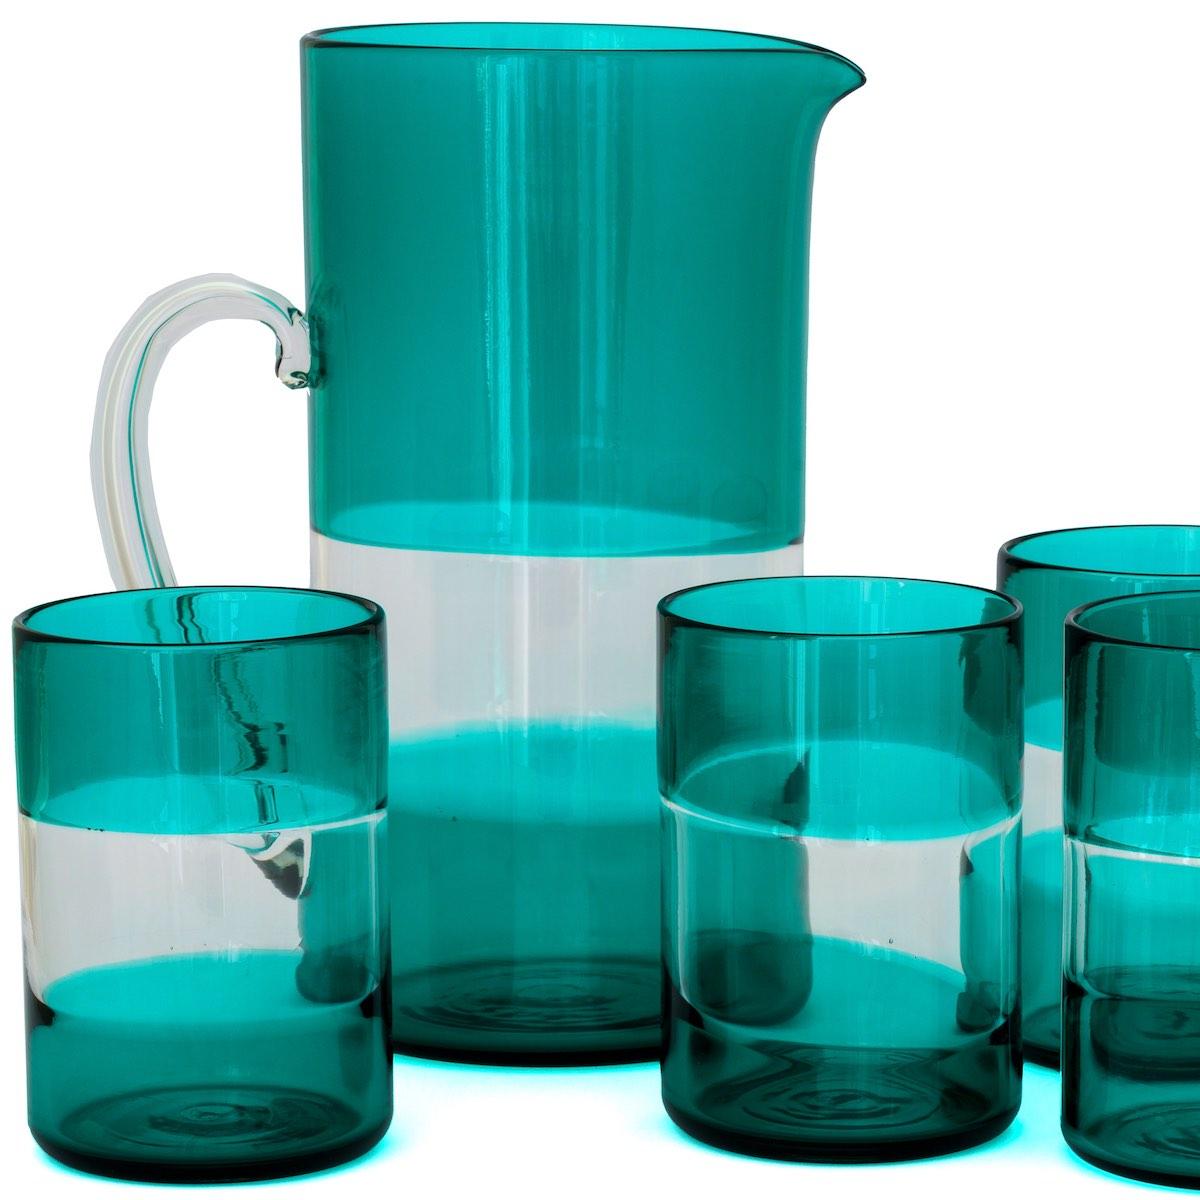 gondola green jug glass stripes lines murano glasses